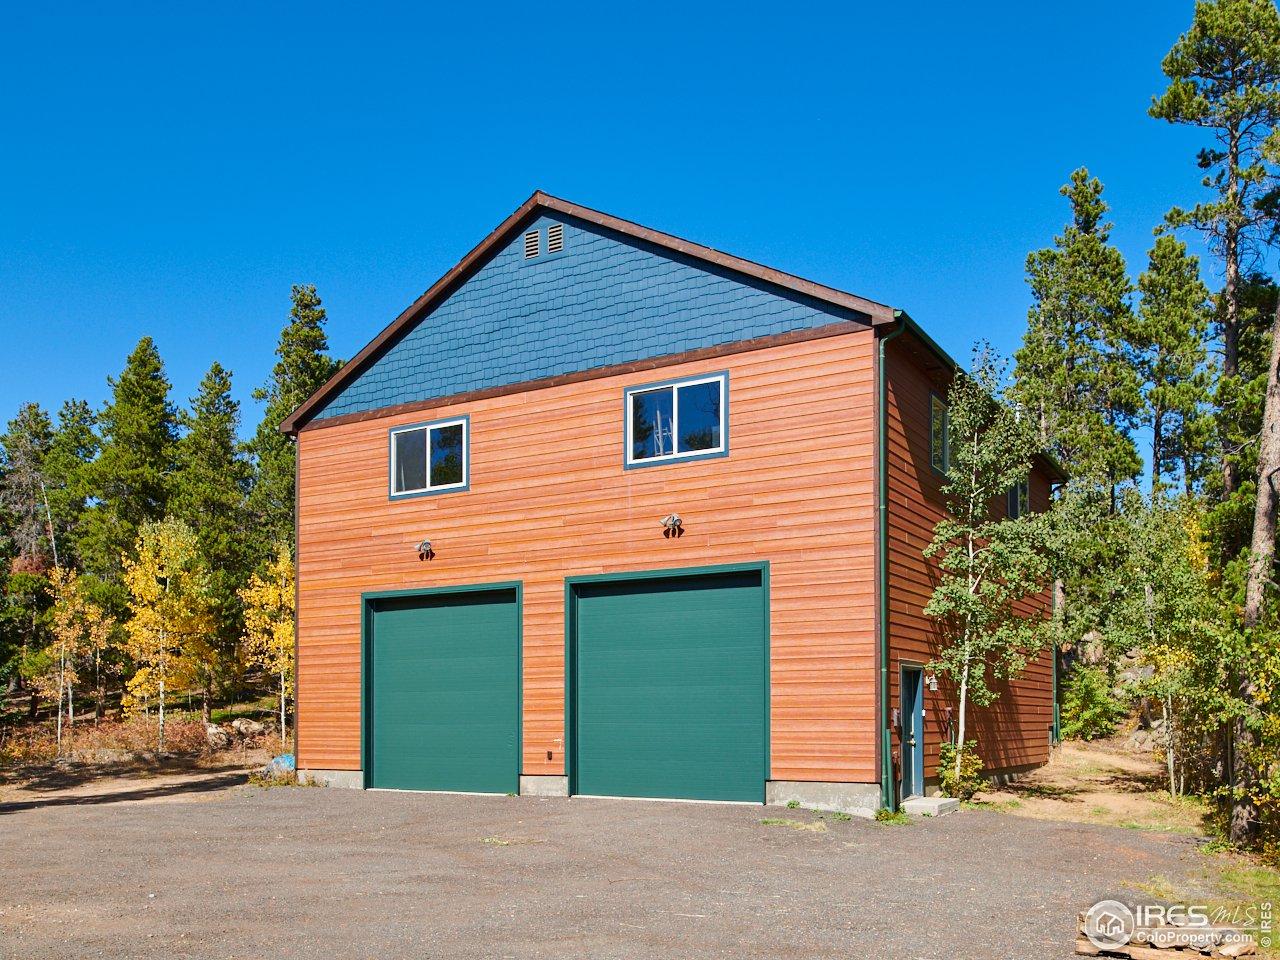 Additional oversized garage